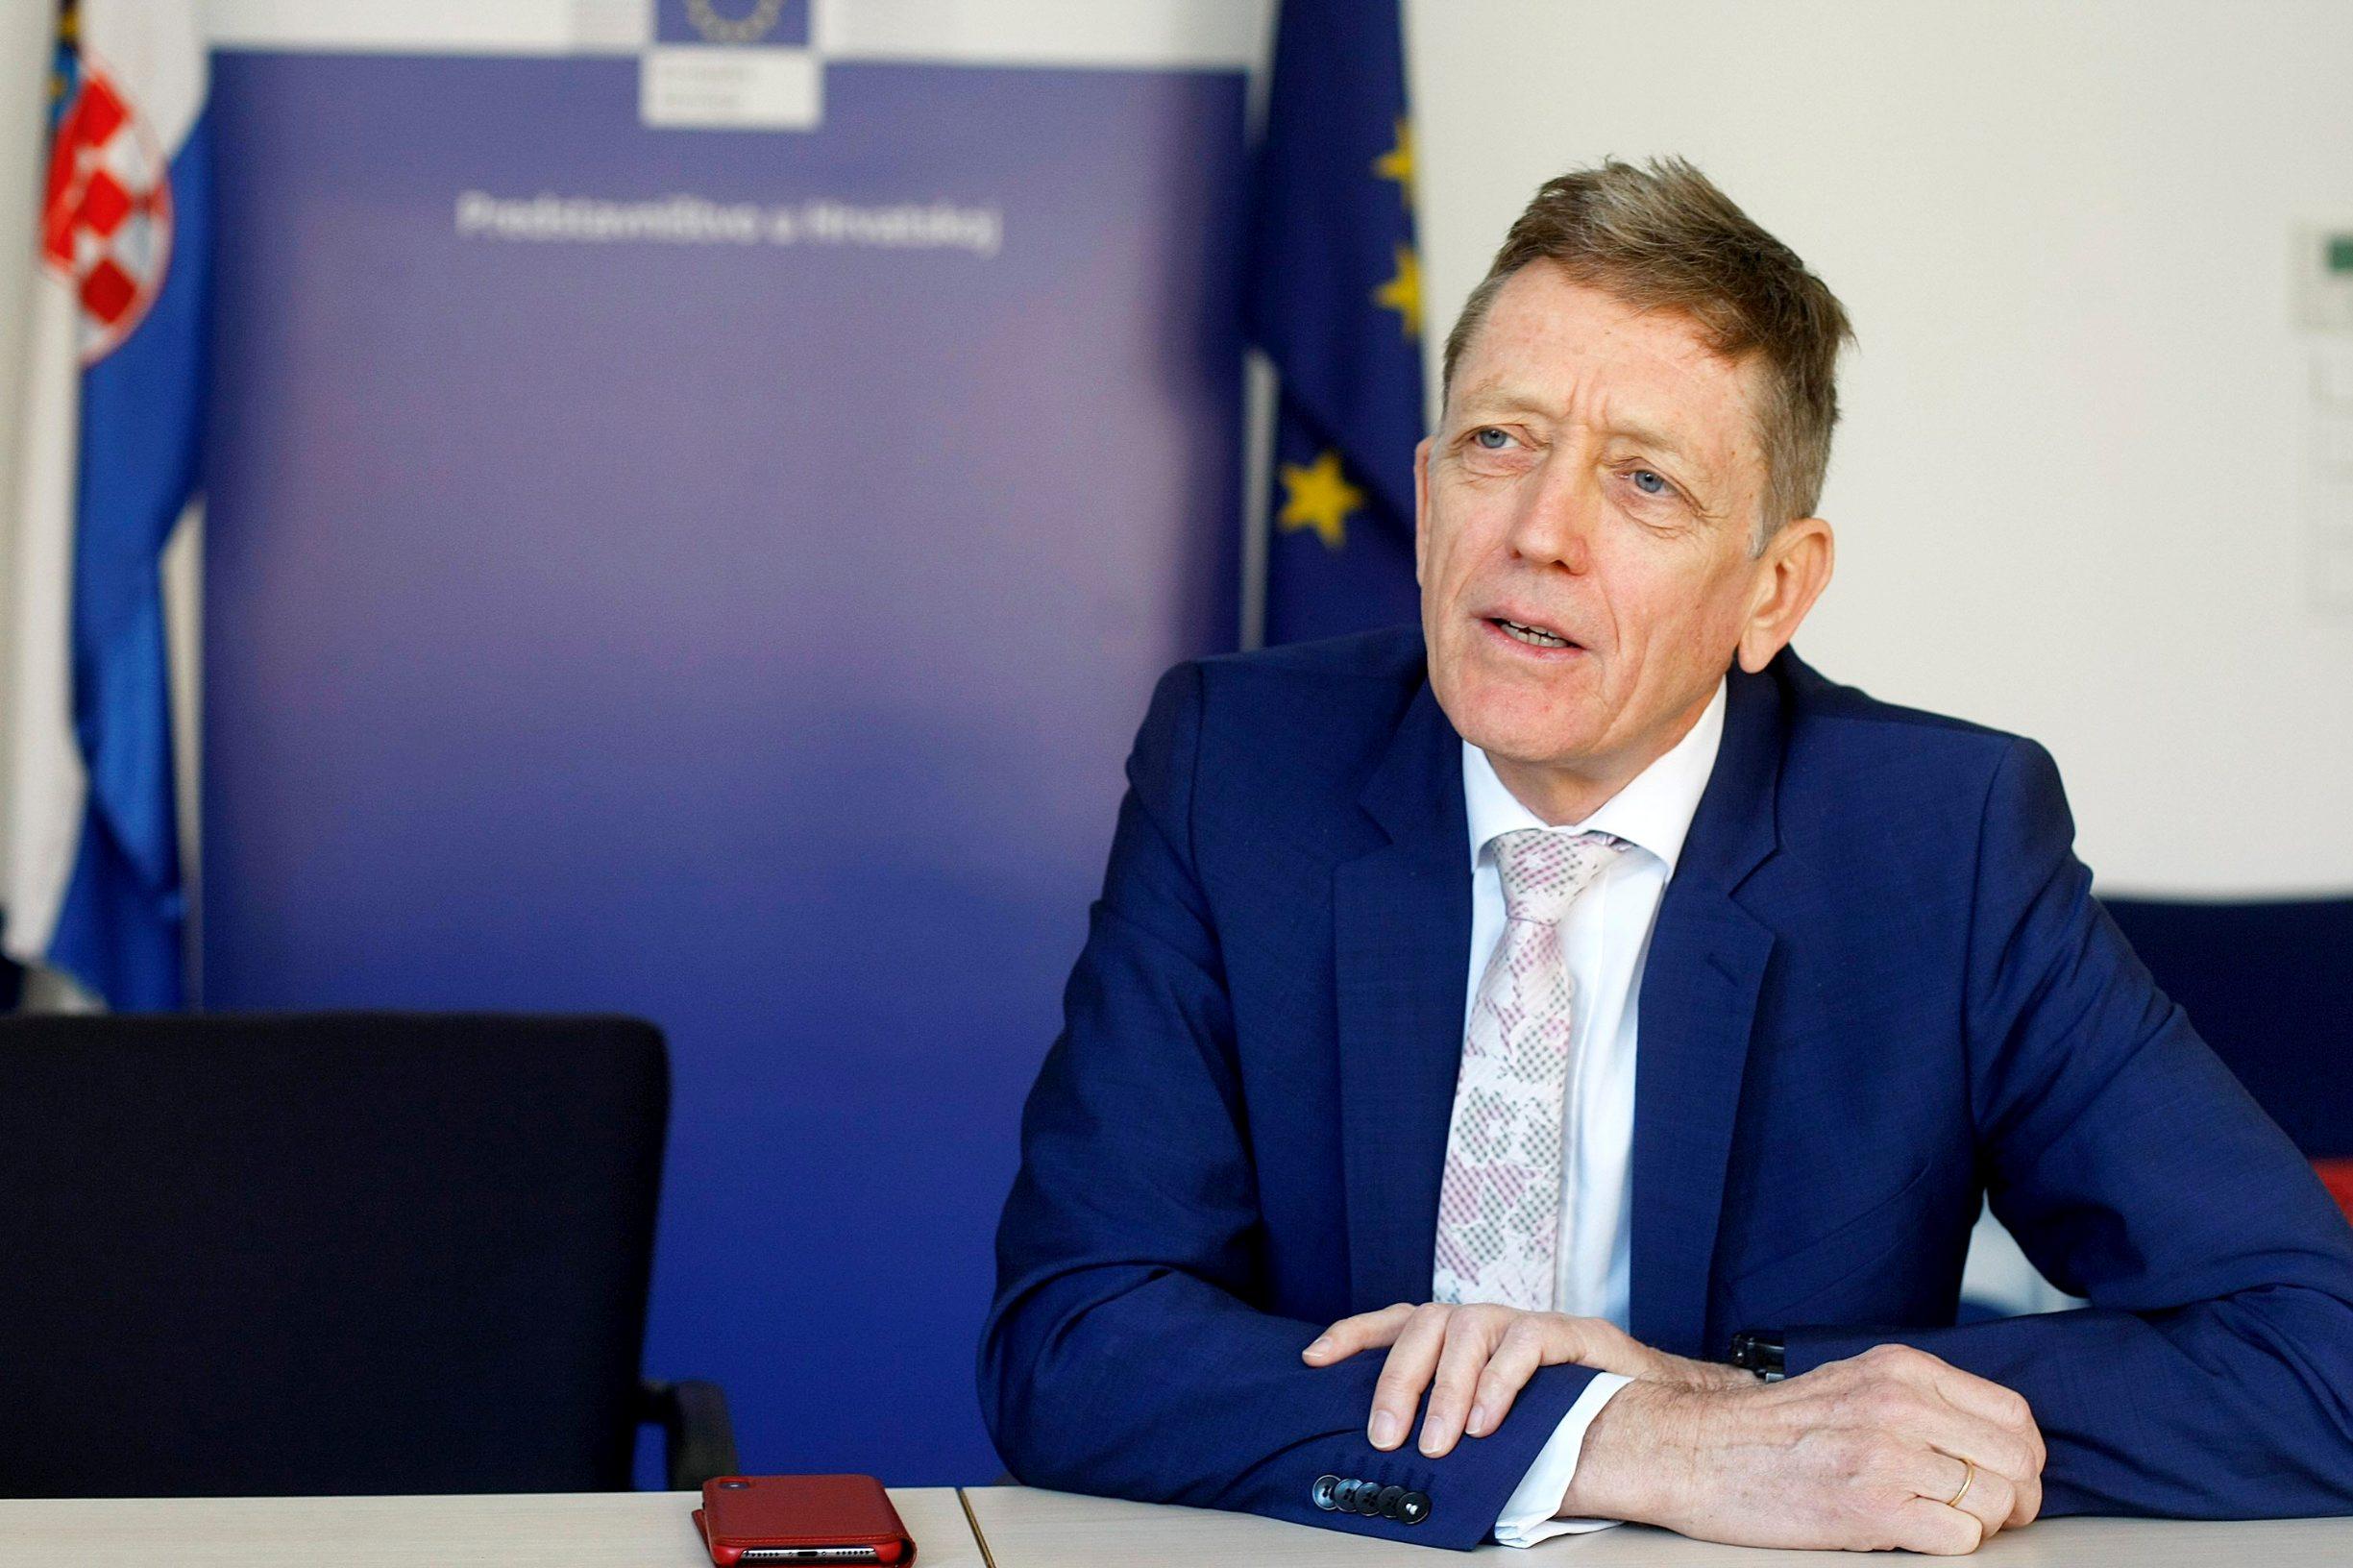 Artur Runge Metzger, direktor ureda za međunarodnu klimatsku strategiju unutar Europske komisije